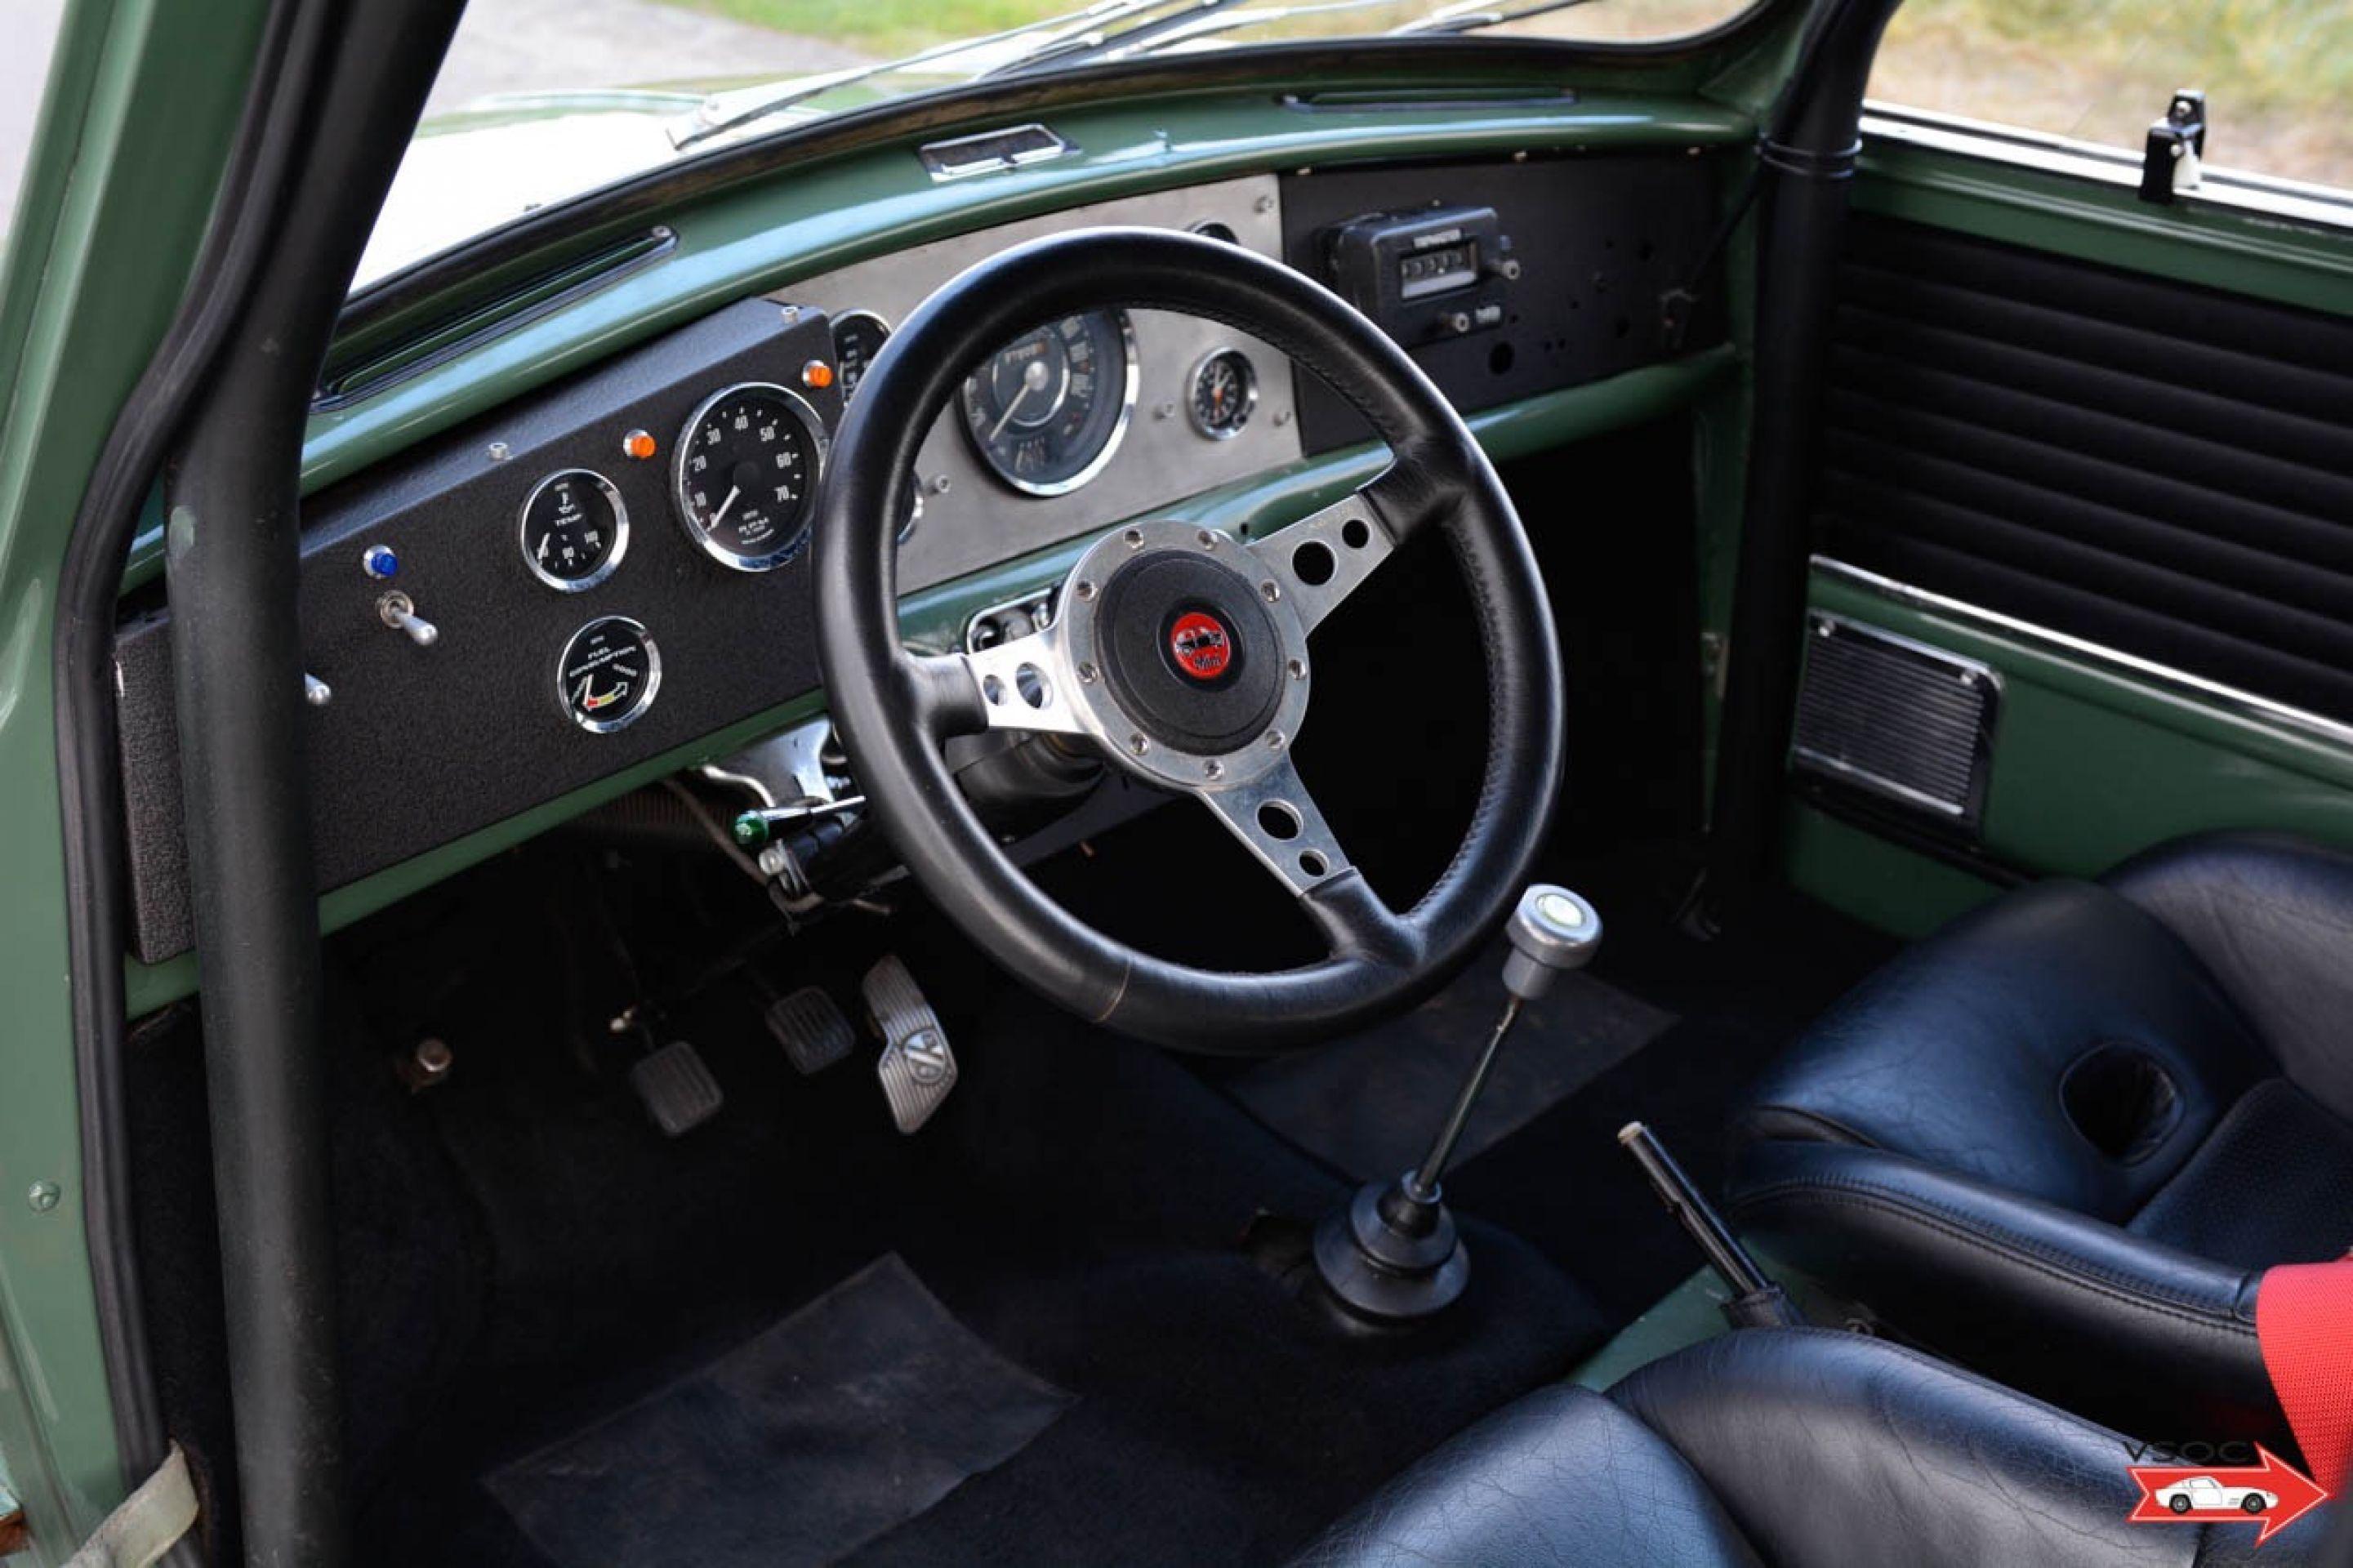 Morris Mini Cooper S 1275 MK1 - very nice and well prepared